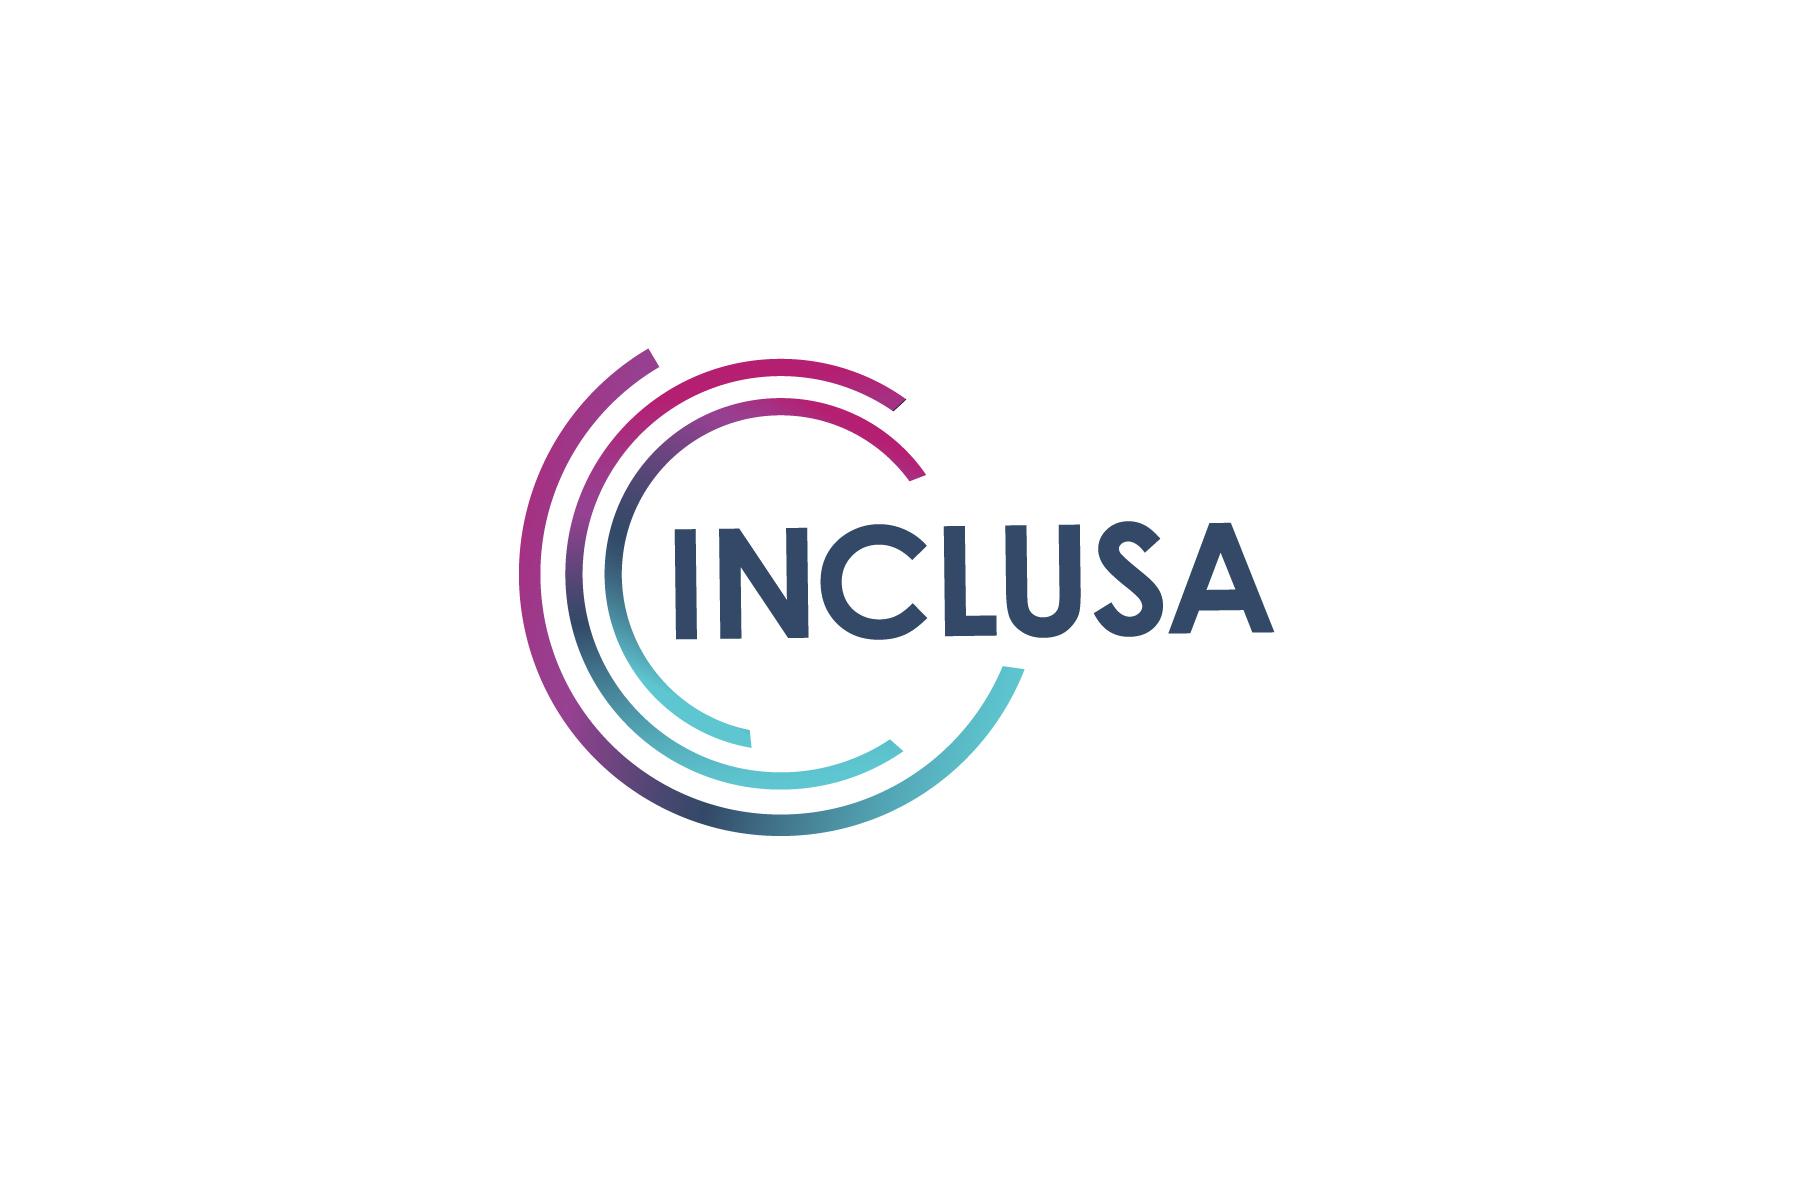 Inclusa_FNL-01